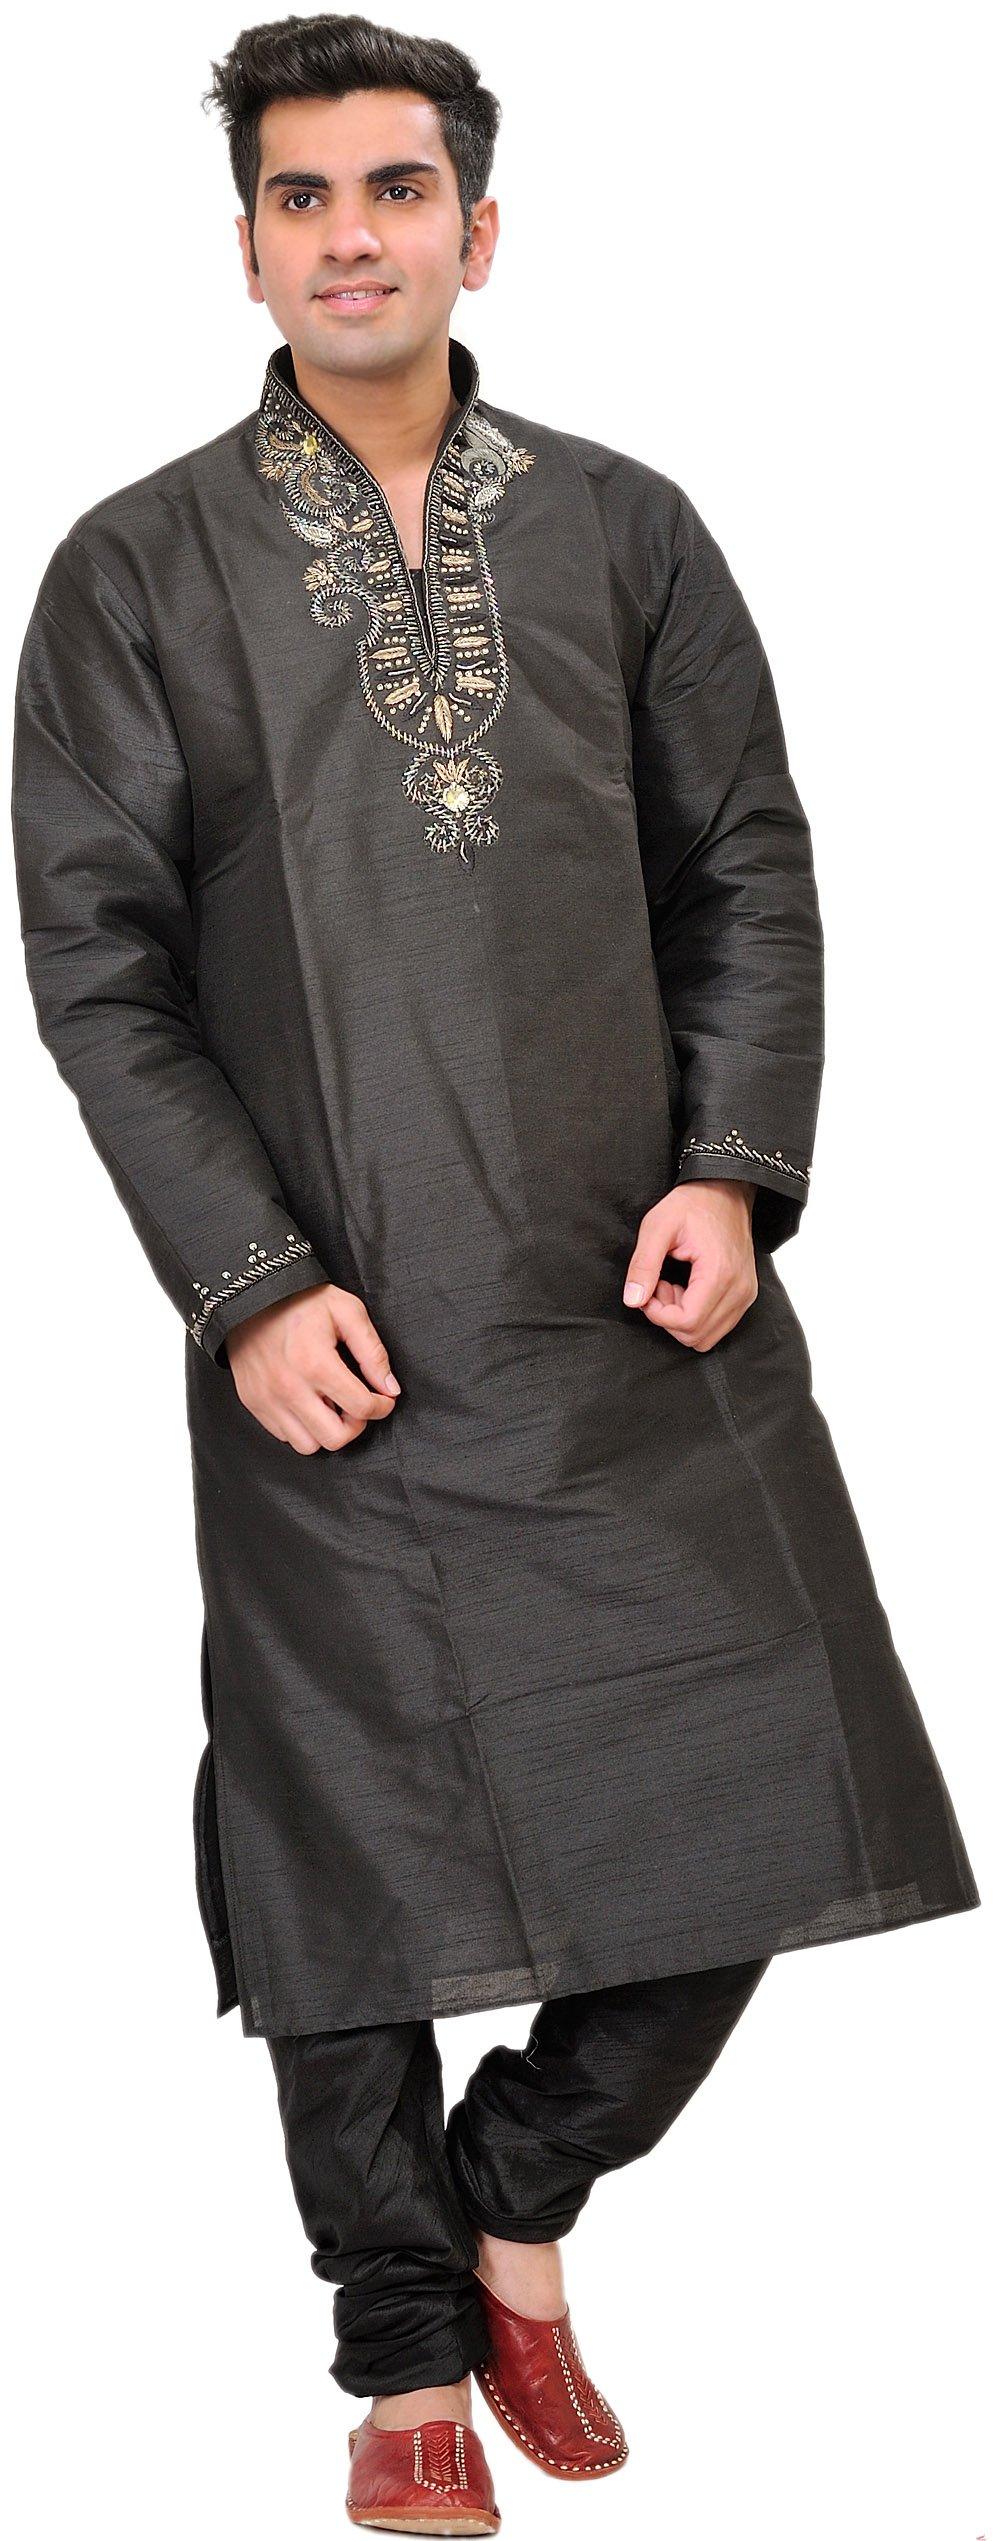 Exotic India Black Wedding Kurta Pajama With Beads-EMBR Size 40